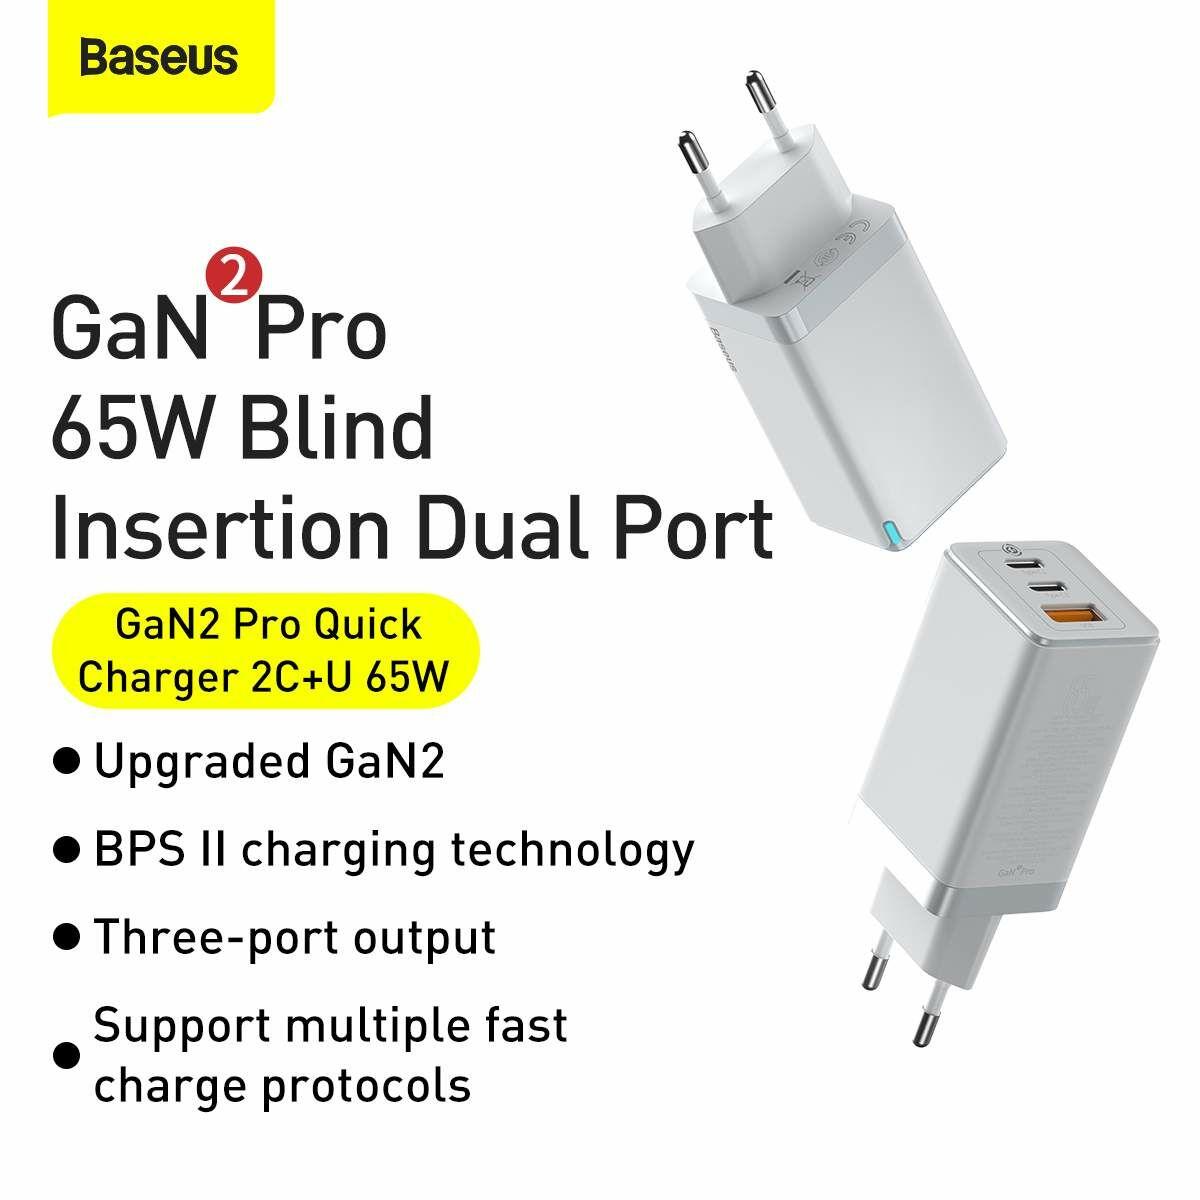 Baseus hálózati töltő, GaN2 Pro Gyors töltő, C+C+U 65W EU, fehér (CCGAN2P-B02)